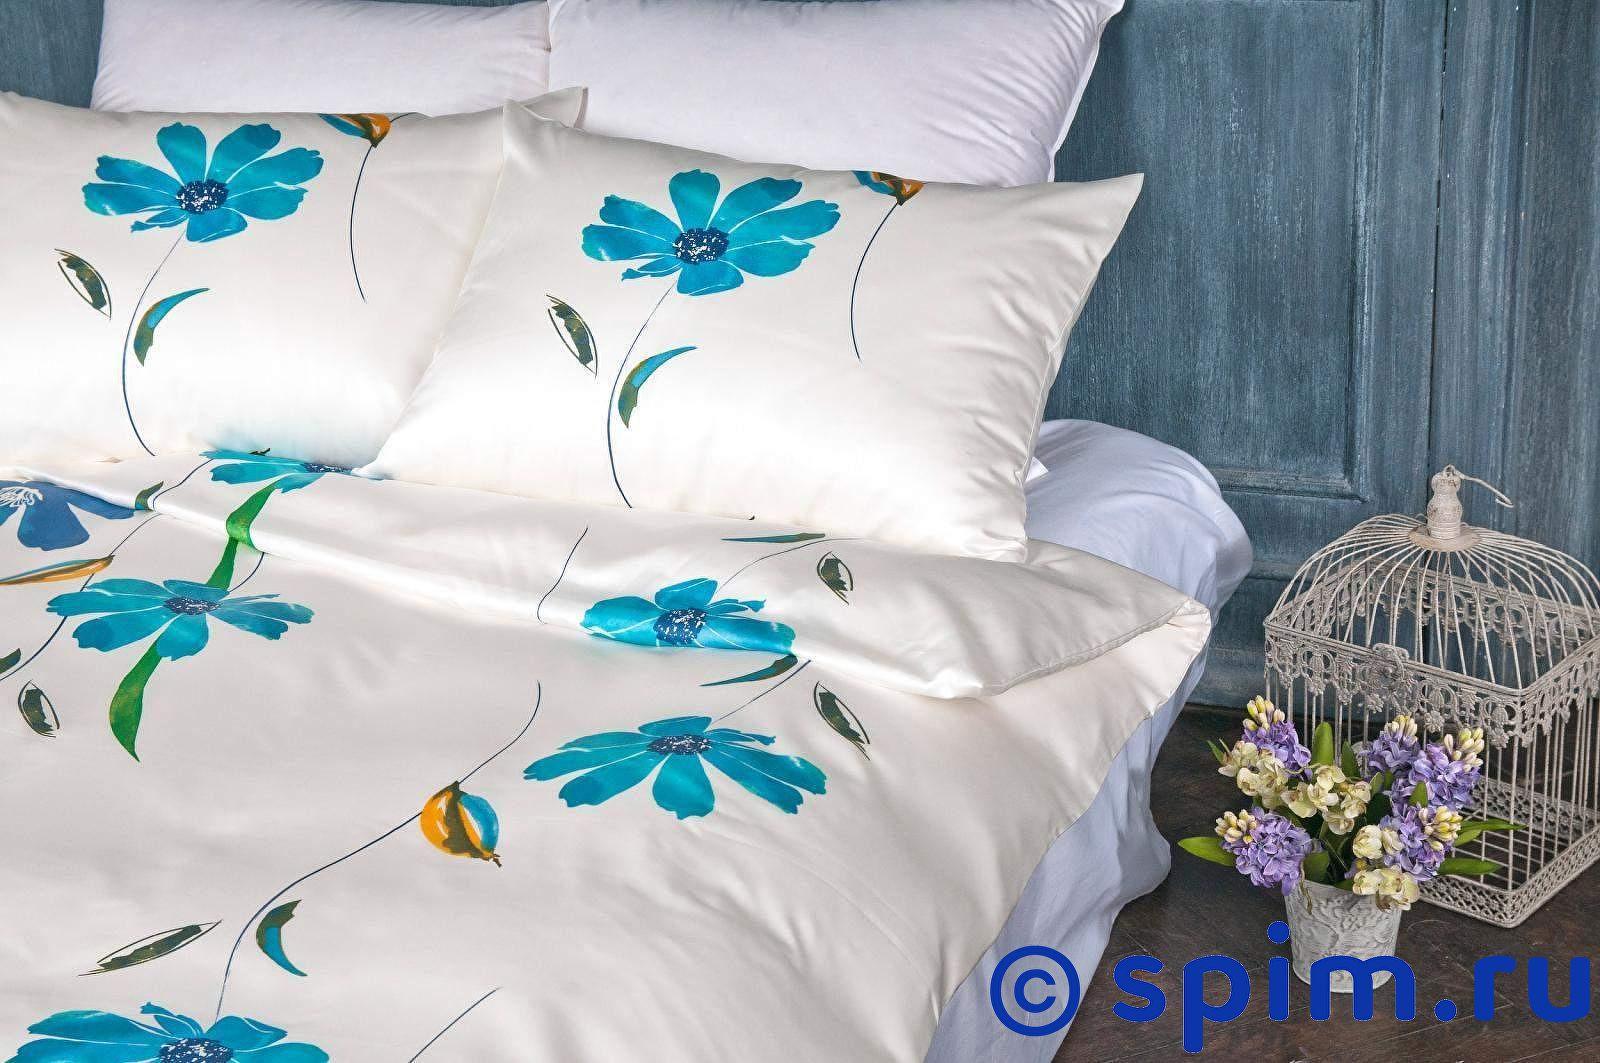 Купить со скидкой Постельное белье Johann Hefel Aquarellblumen, синие цветы Евро-стандарт